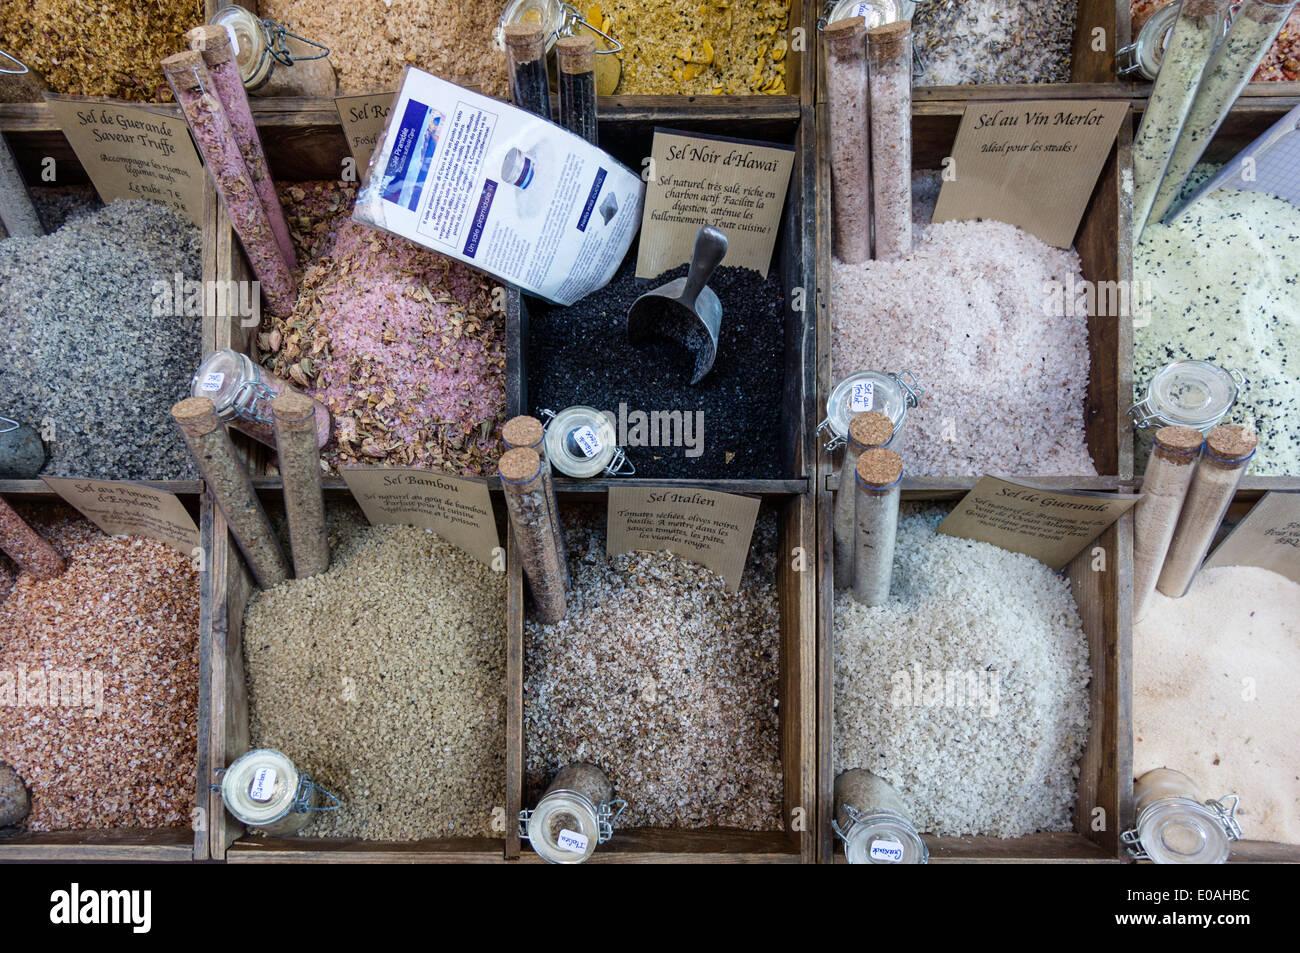 Salt Spices Market Stall Cours De Saleya Nice Alpes Maritimes